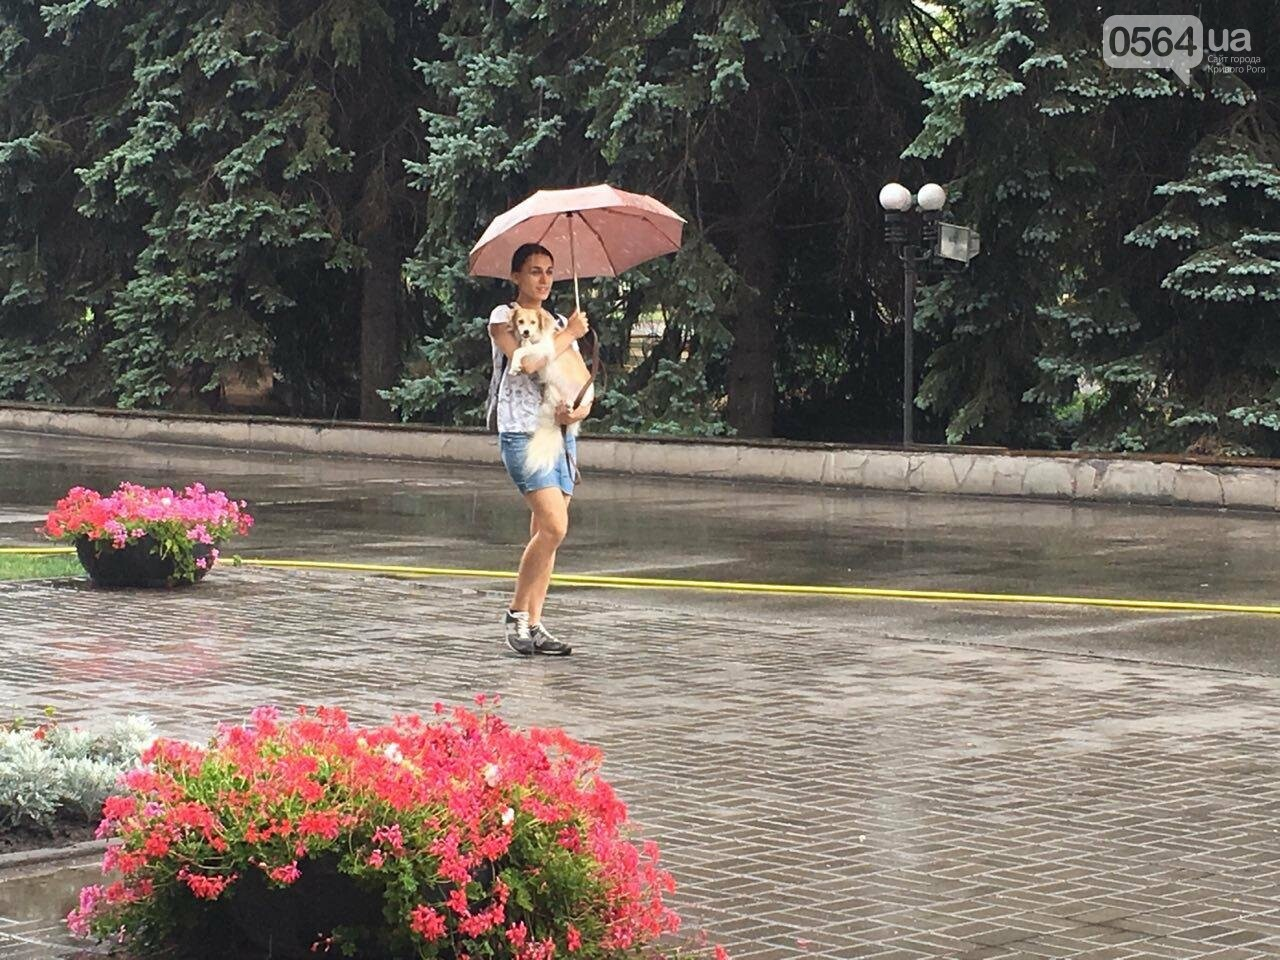 """В Кривом Роге под дождем проходит зоозащитная акция """"Украина - не живодерня!"""", - ФОТО, ВИДЕО, фото-2"""